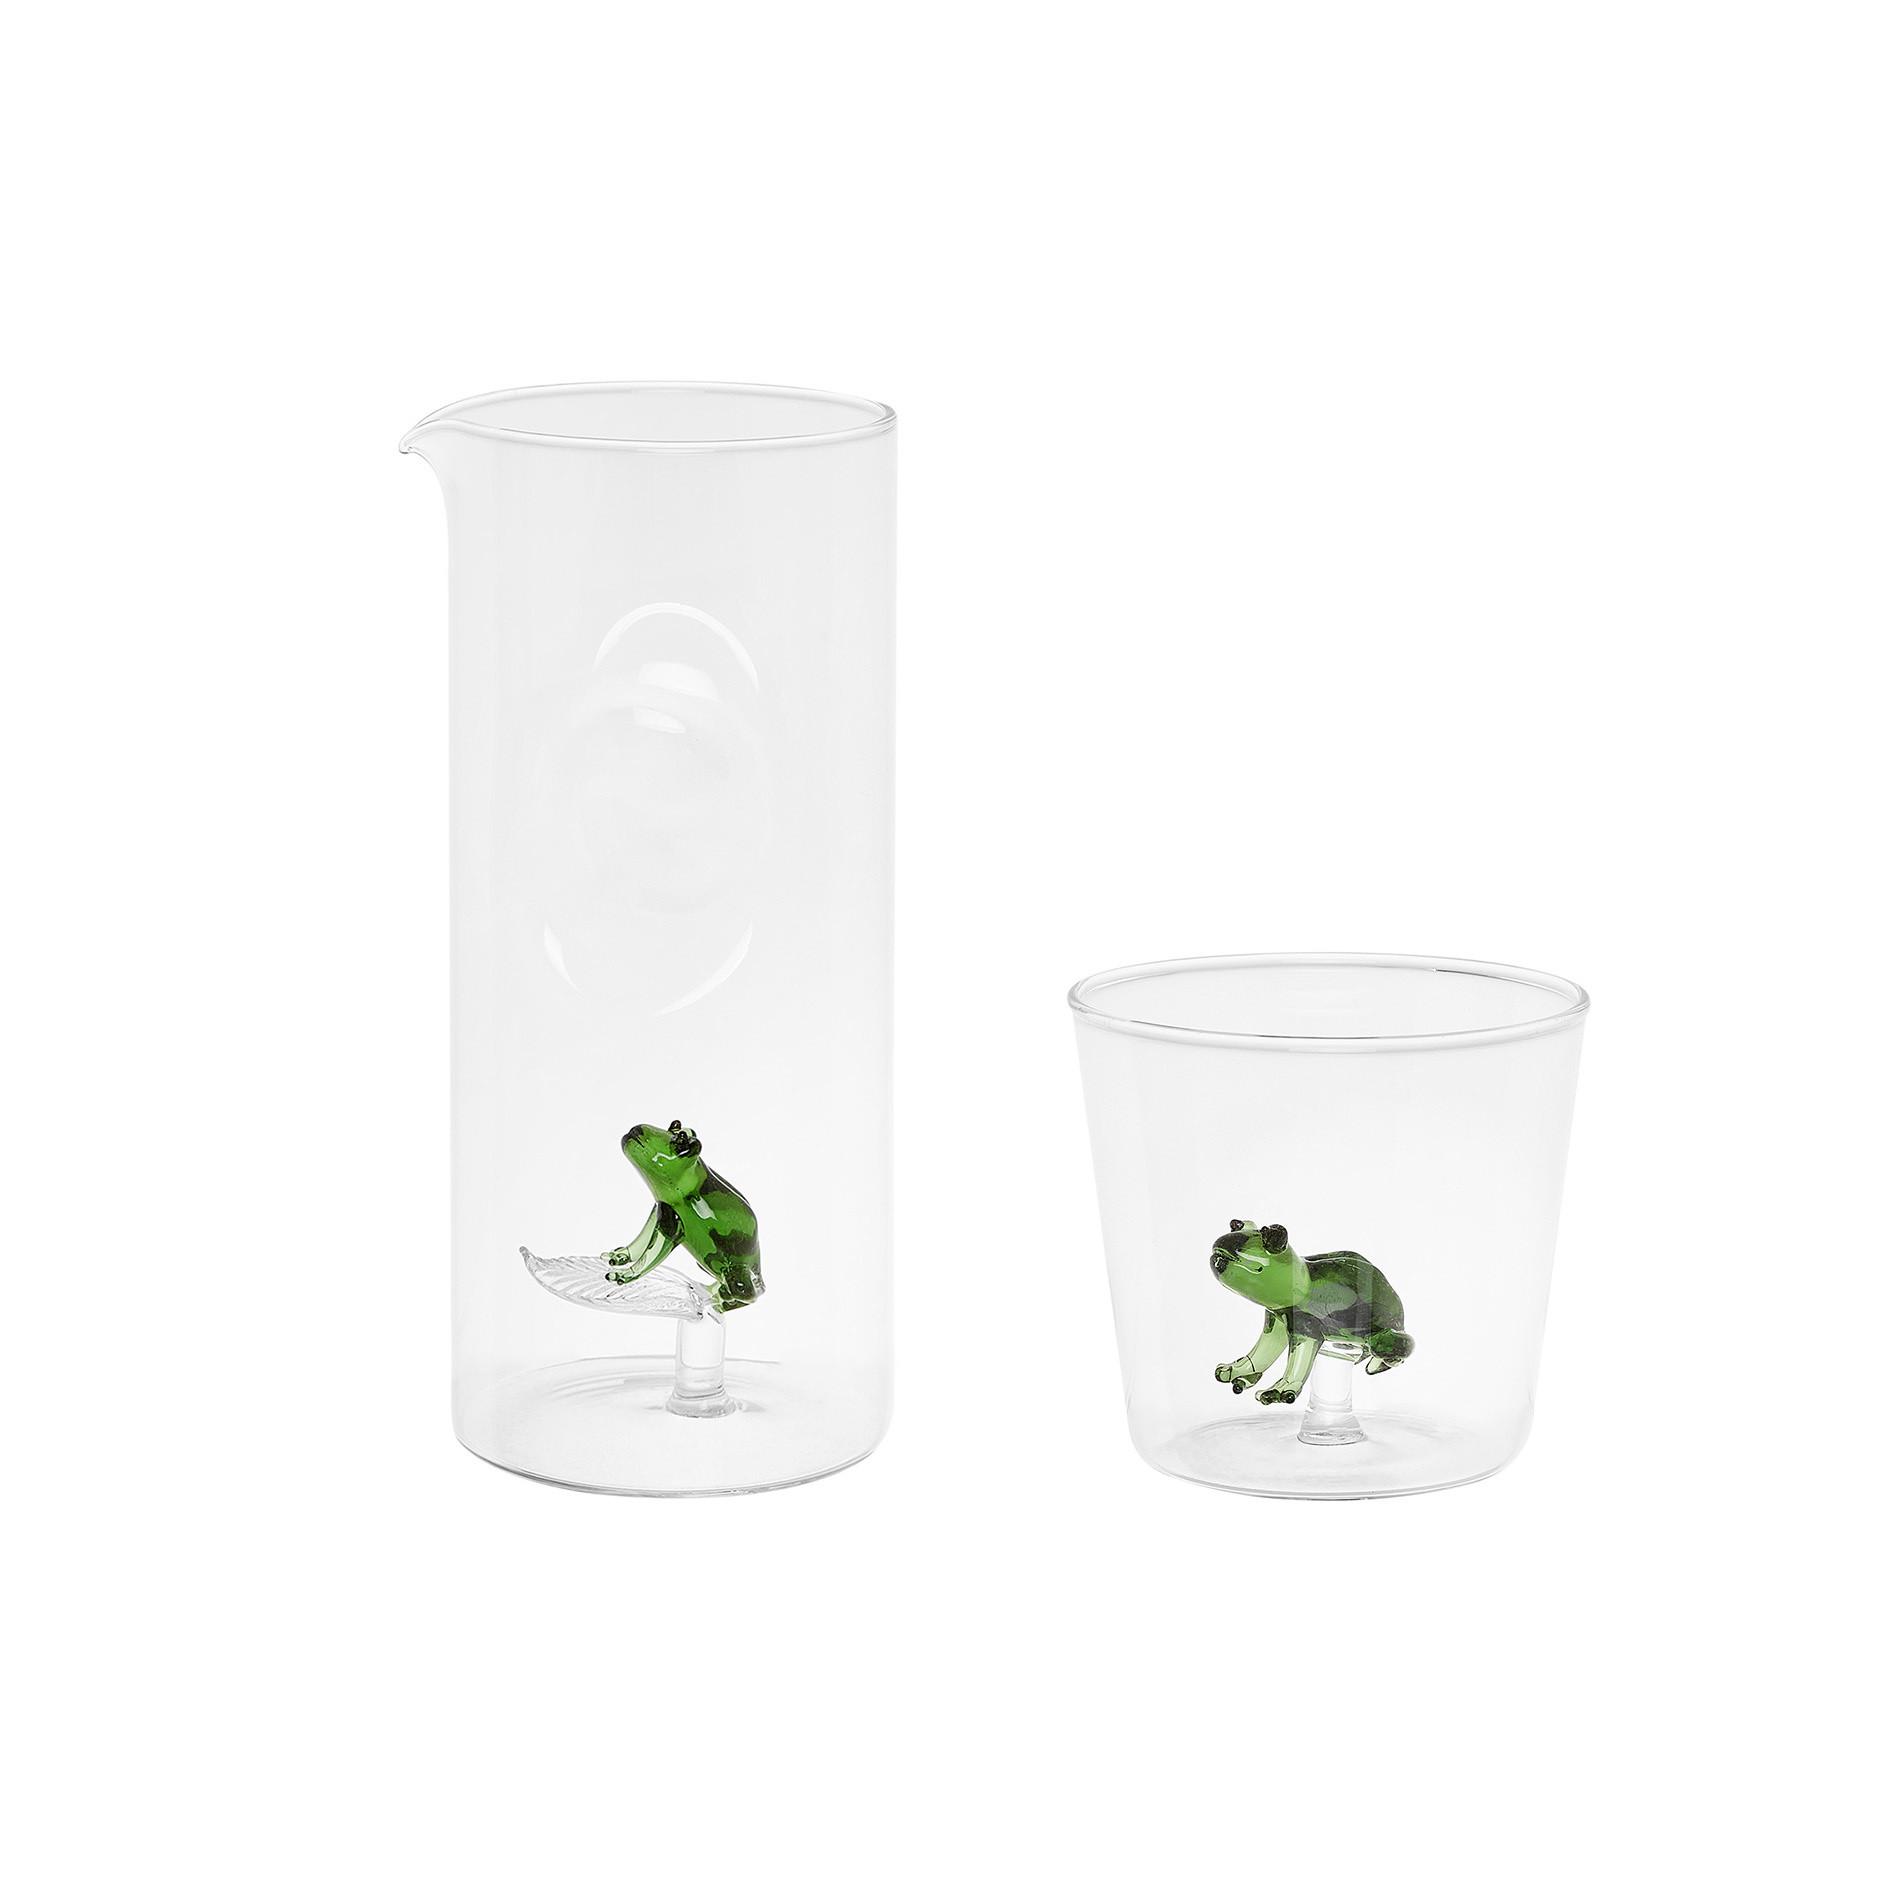 Bicchiere vetro dettaglio rana, Trasparente, large image number 1